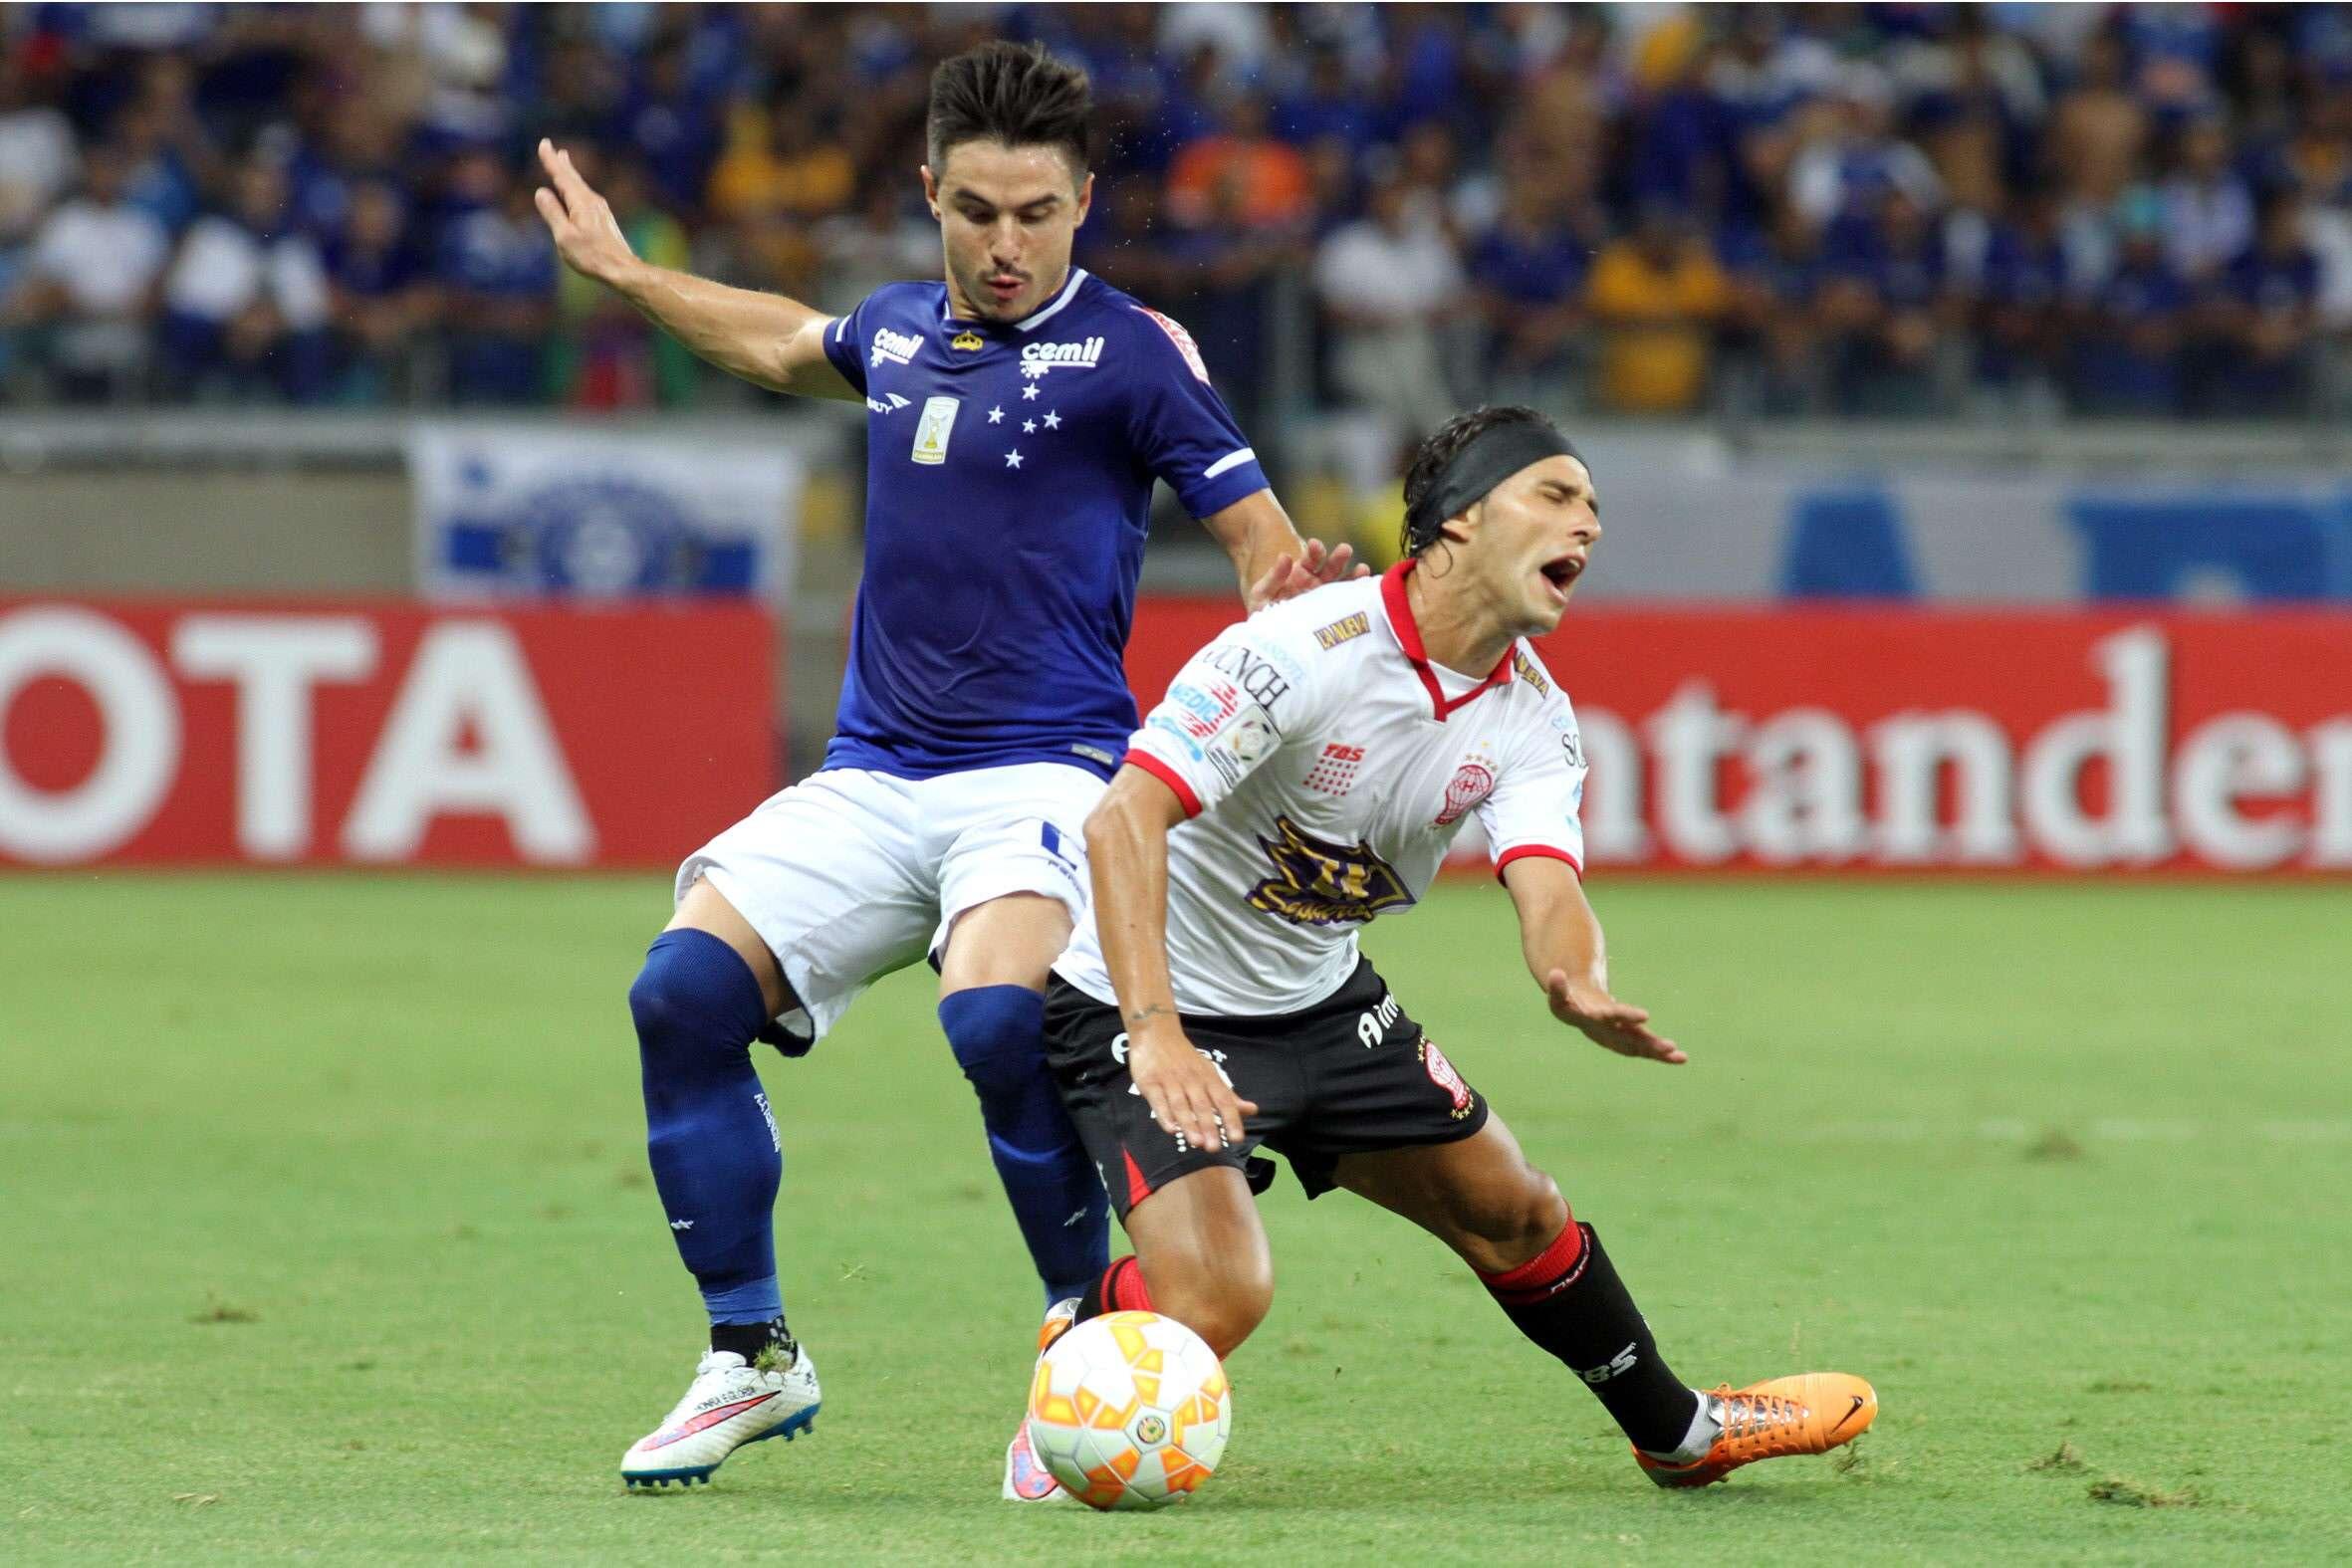 Willian tenta apertar a marcação, mas comete falta no adversário Foto: Paulo Fonseca/AP